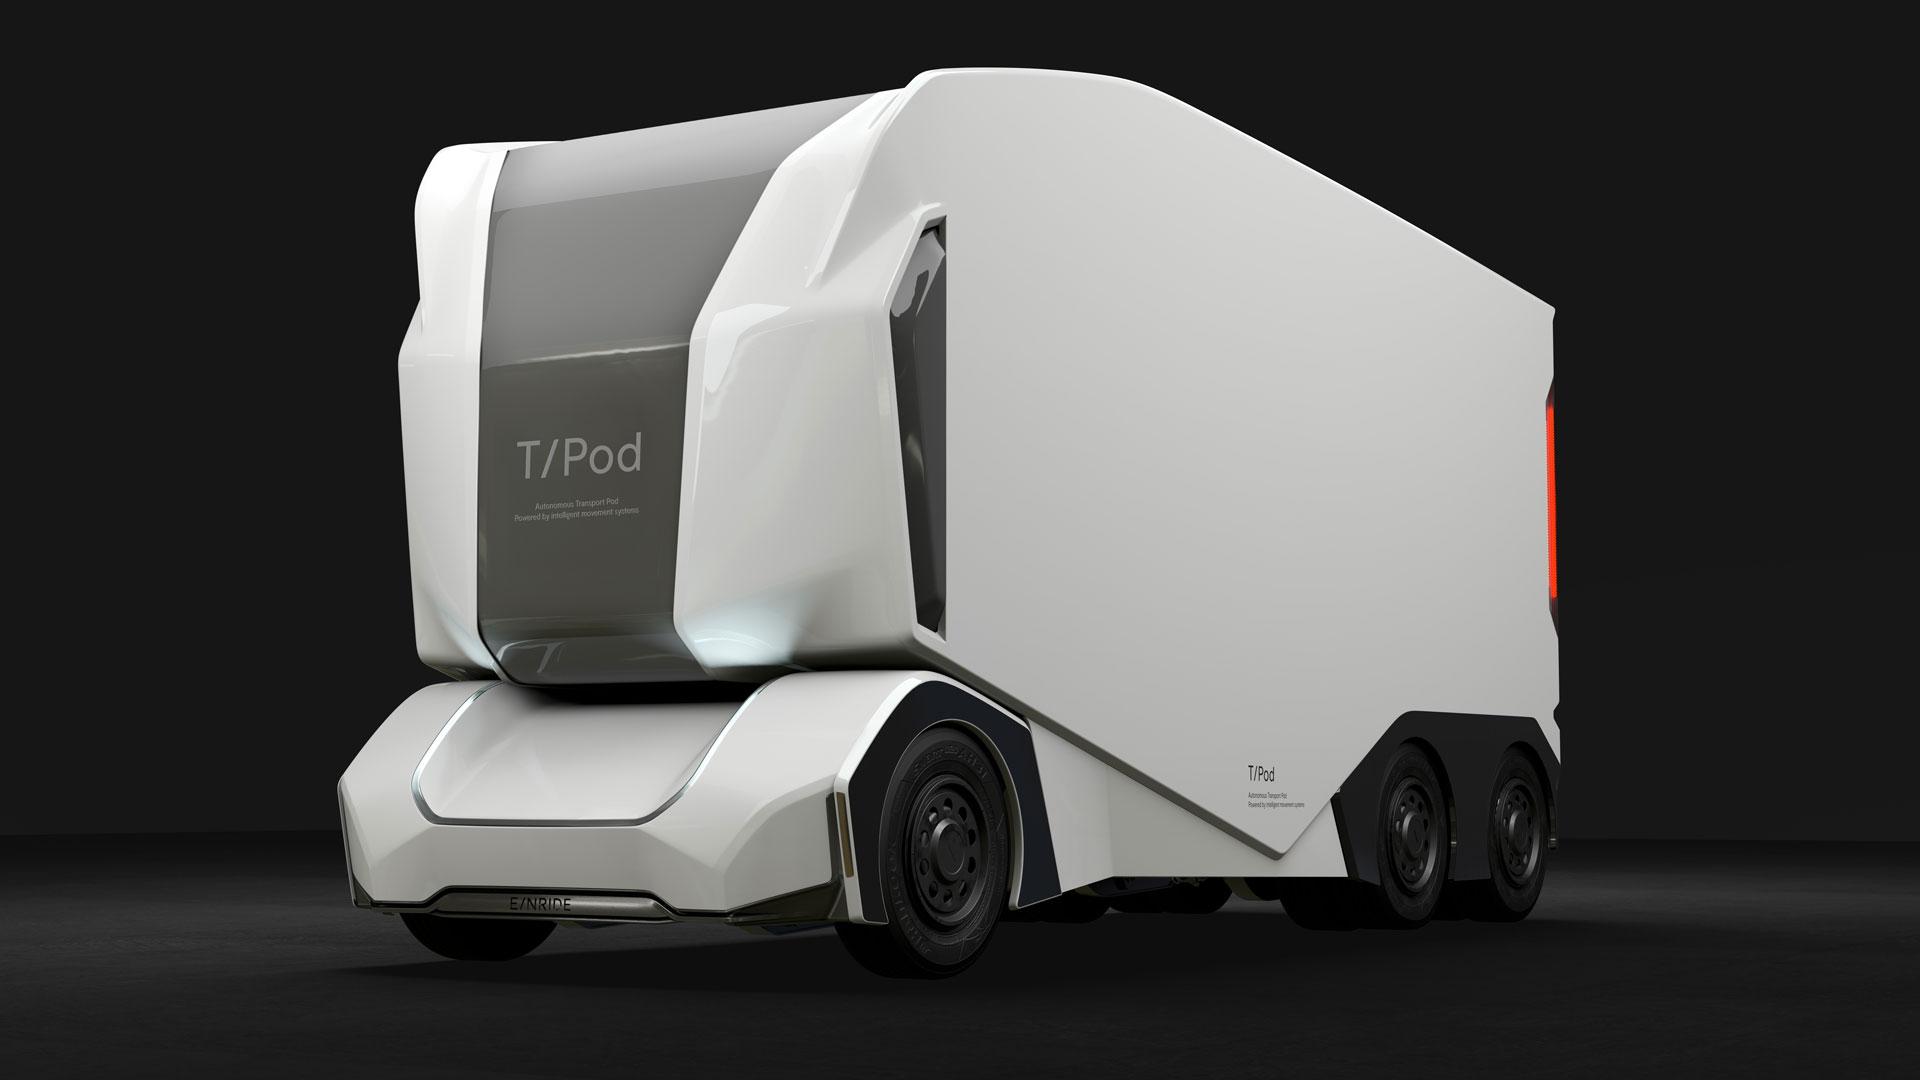 Шведская транспортная администрация получила разрешение на управление автономным и полностью электрическим грузовиком